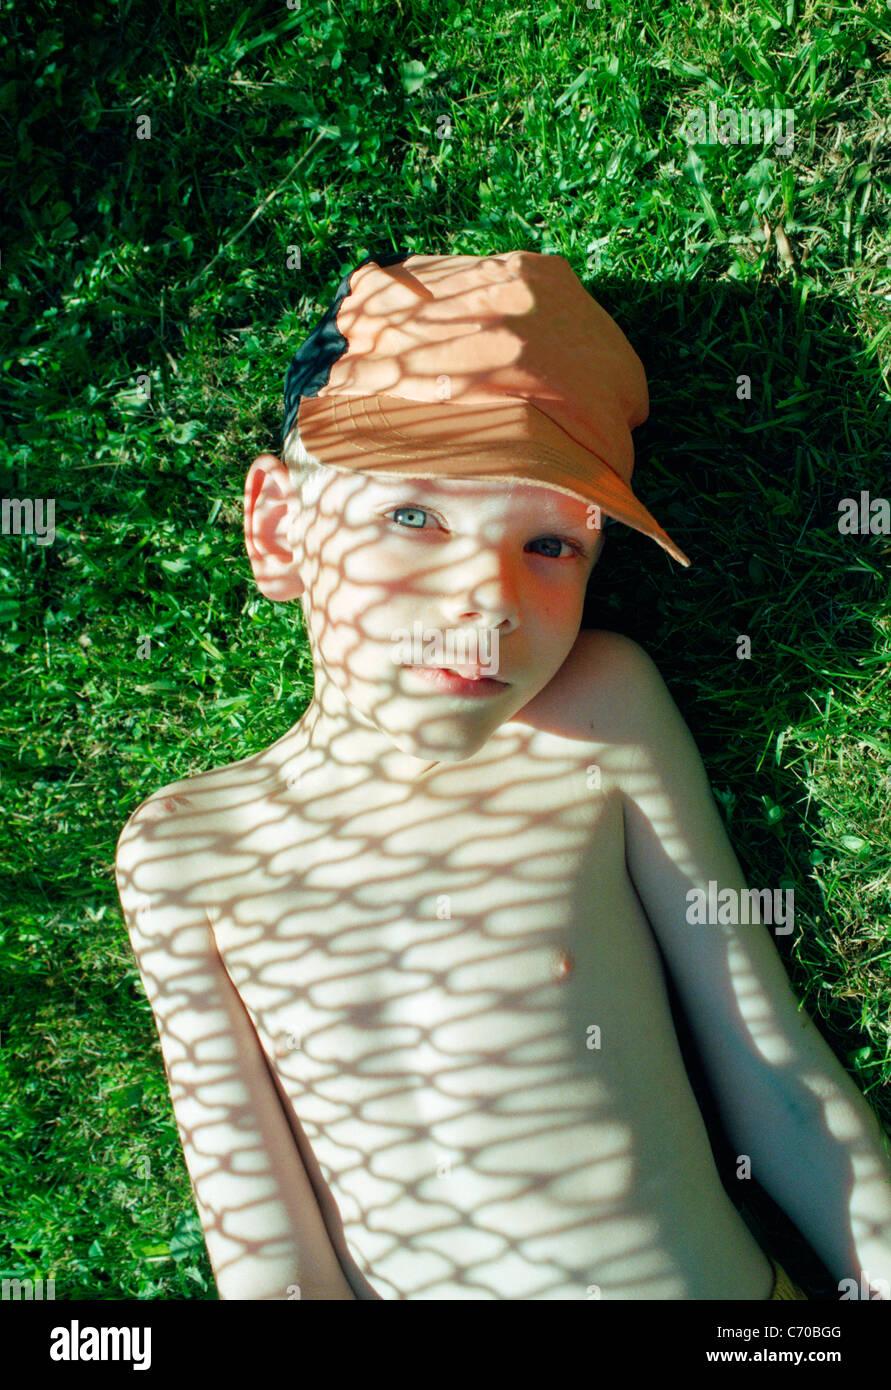 Chico sentando en la sombra del eslabón de la cadena cerco Imagen De Stock